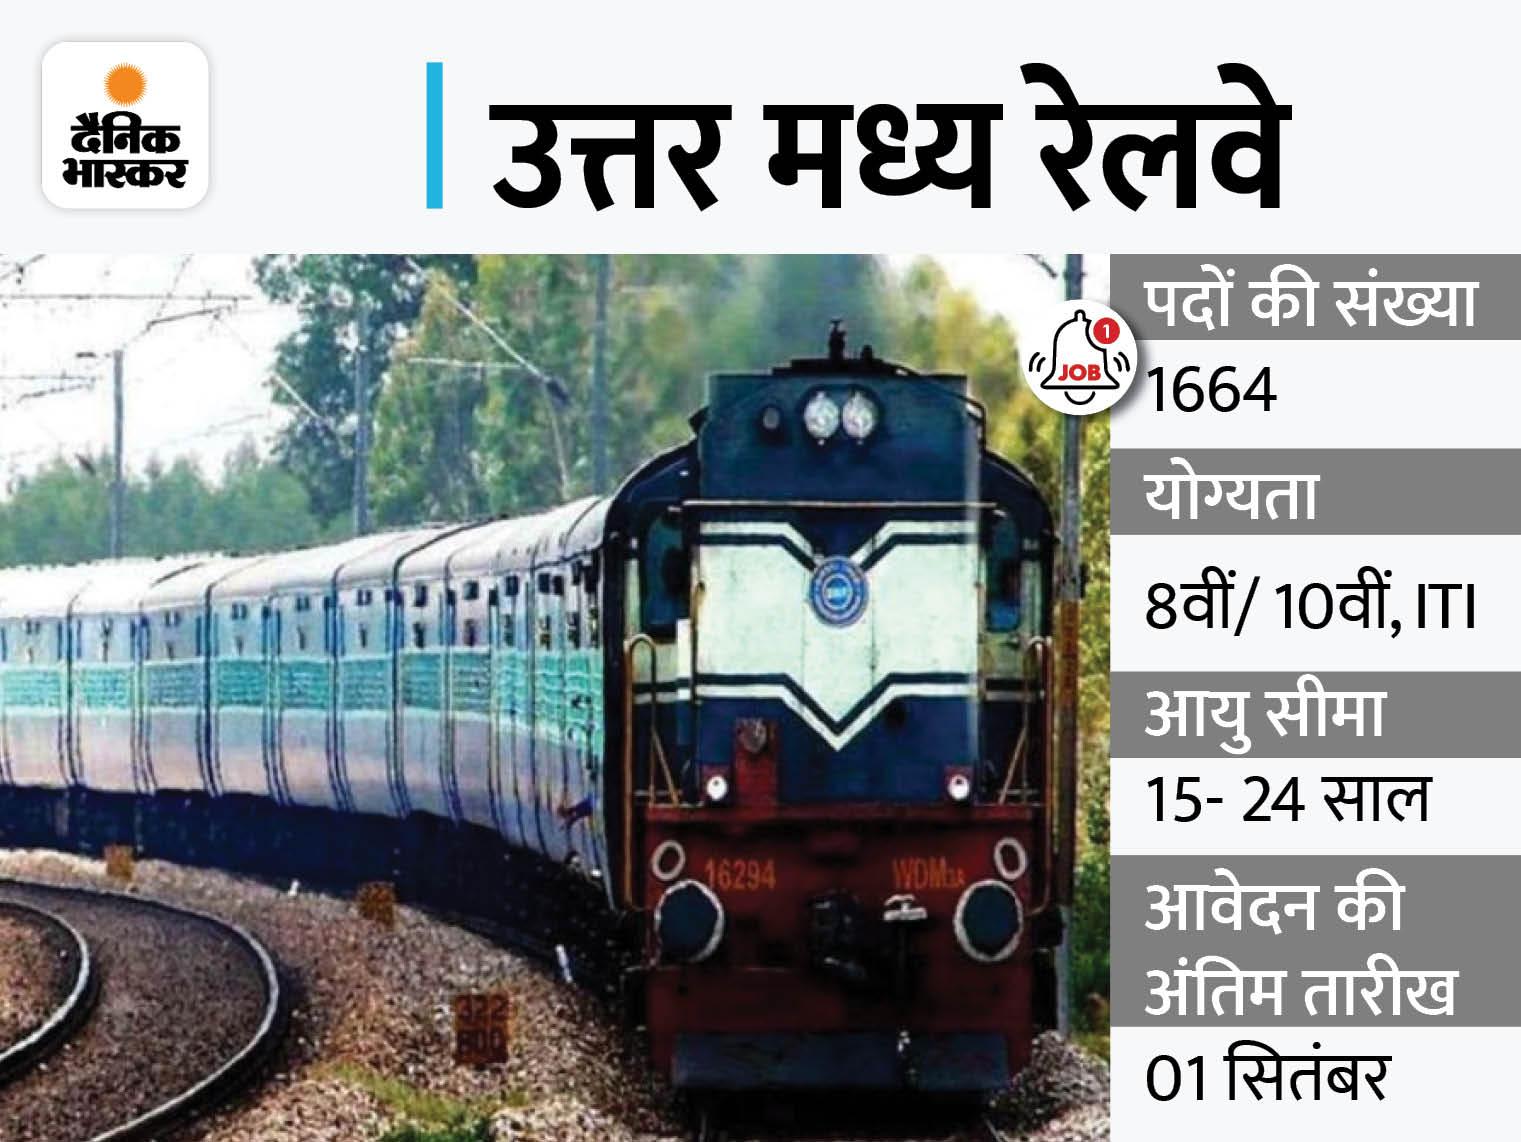 उत्तर मध्य रेलवे ने अप्रेंटिस के 1664 पदों पर निकाली भर्ती, कल से आवेदन कर सकेंगे 10वीं पास कैंडिडेट्स|करिअर,Career - Dainik Bhaskar